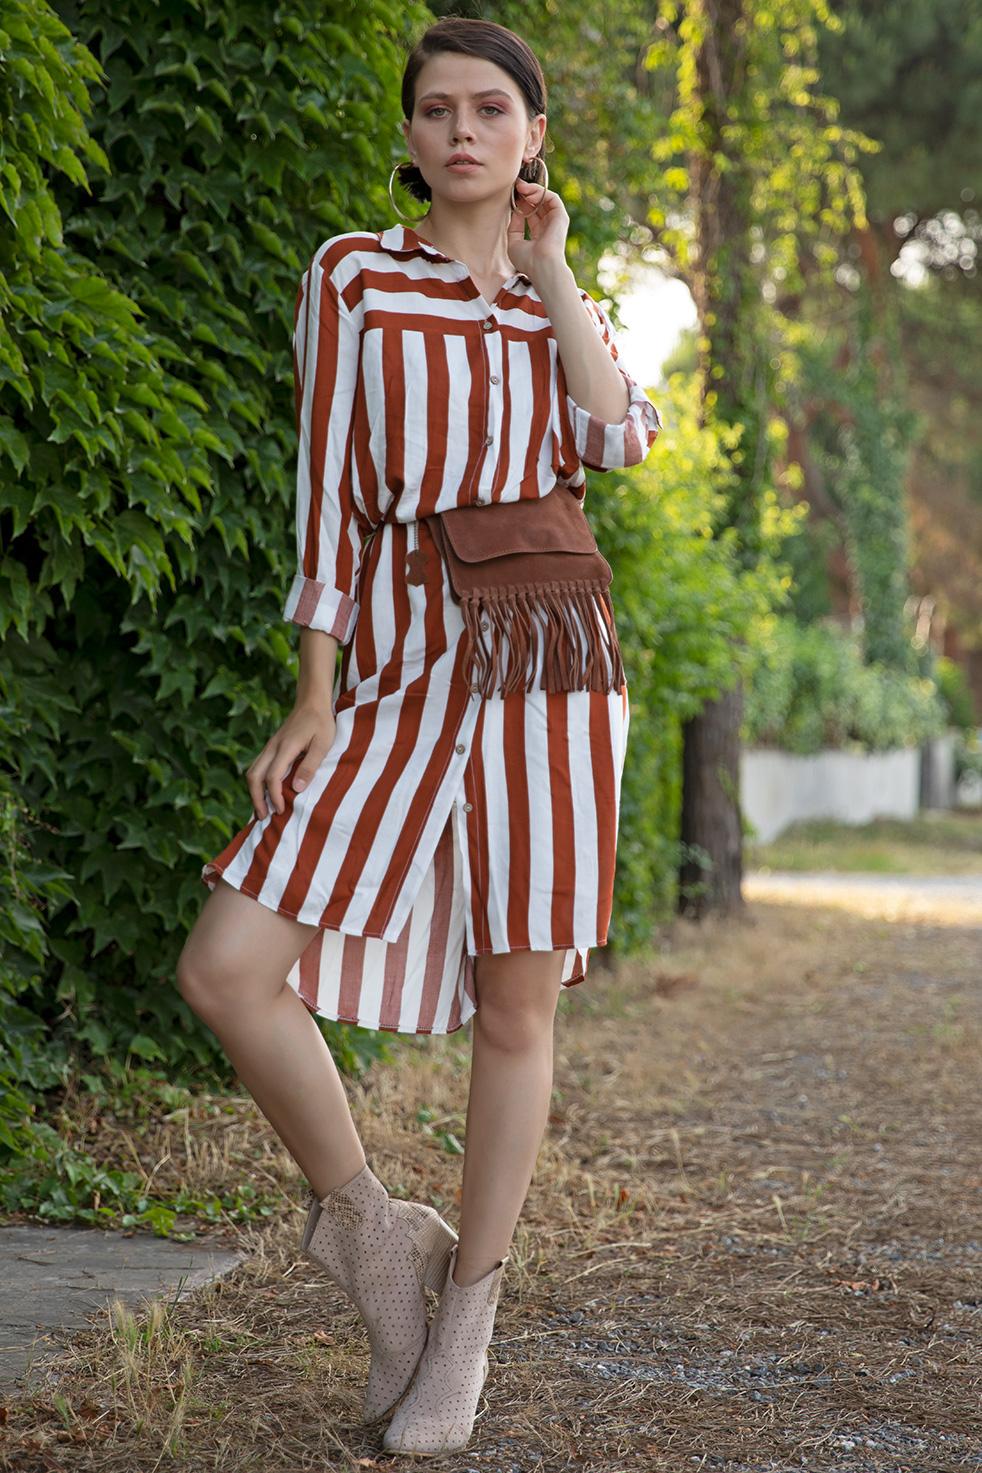 608bdbee4d890 Bir Tıkla Bayan ve Kadın Giyim Modası - Deppo Avantaj